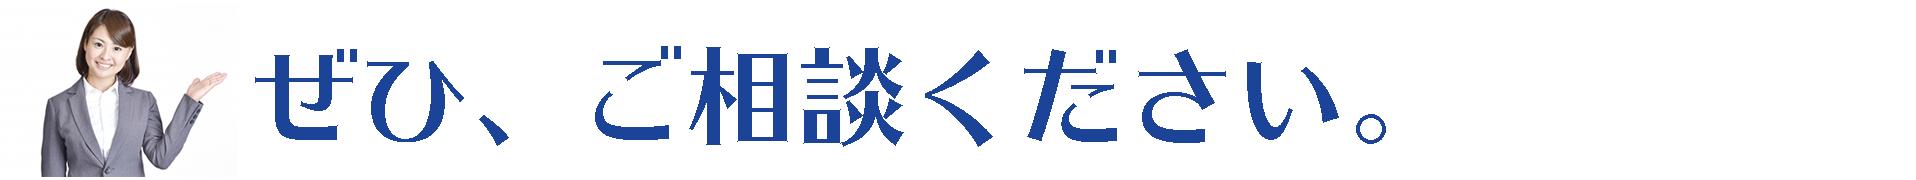 理化学機器の買取・中古理化学機器の販売・レンタル、買取は鈴木商事